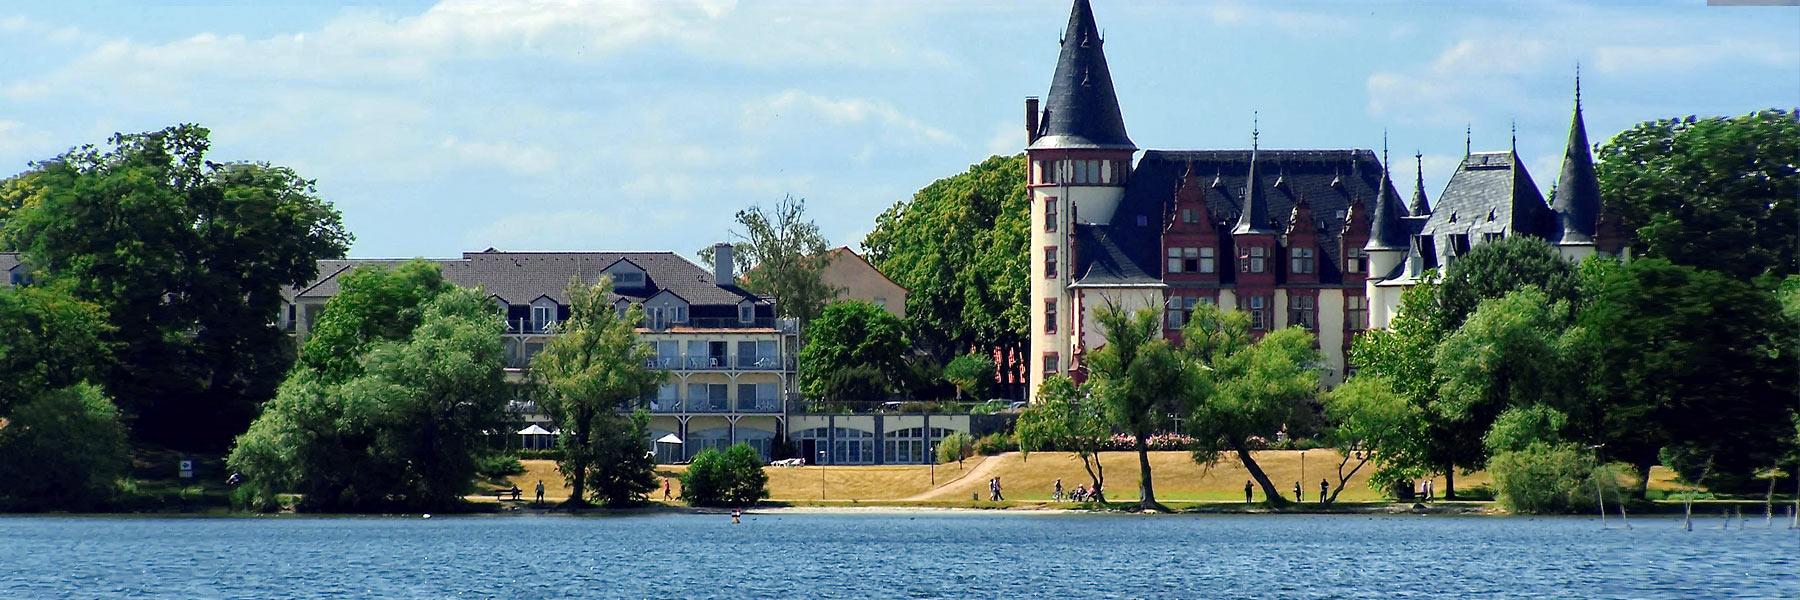 Schloss & Müritz - Gemeinde Klink